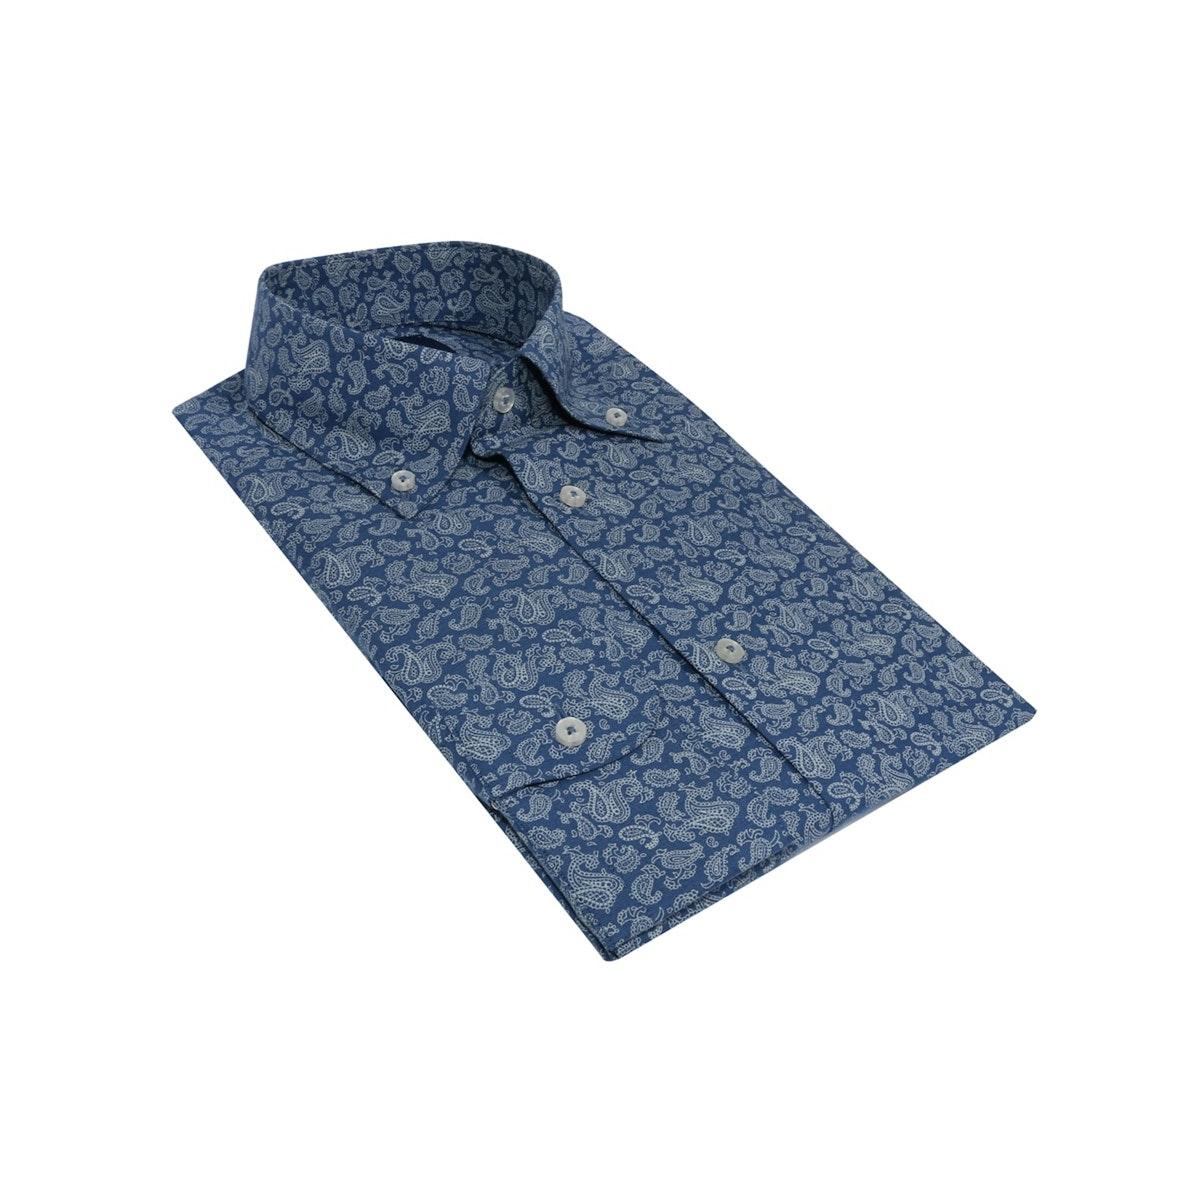 InStitchu Collection The Wanda Blue Paisley Shirt